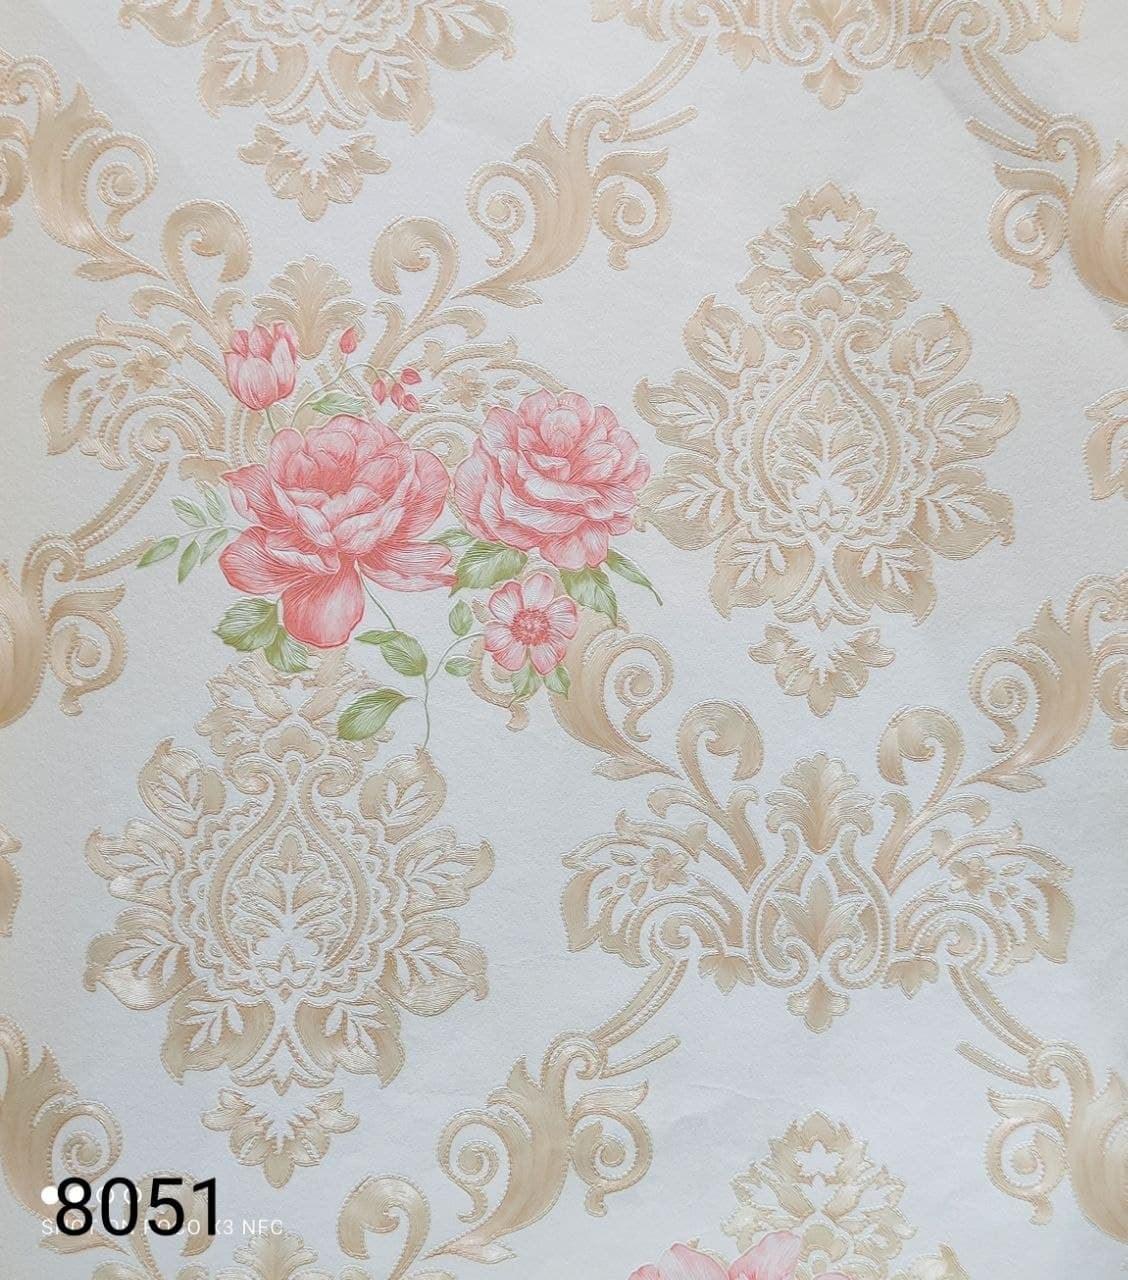 تصویر کاغذ دیواری خارجی کد 8051